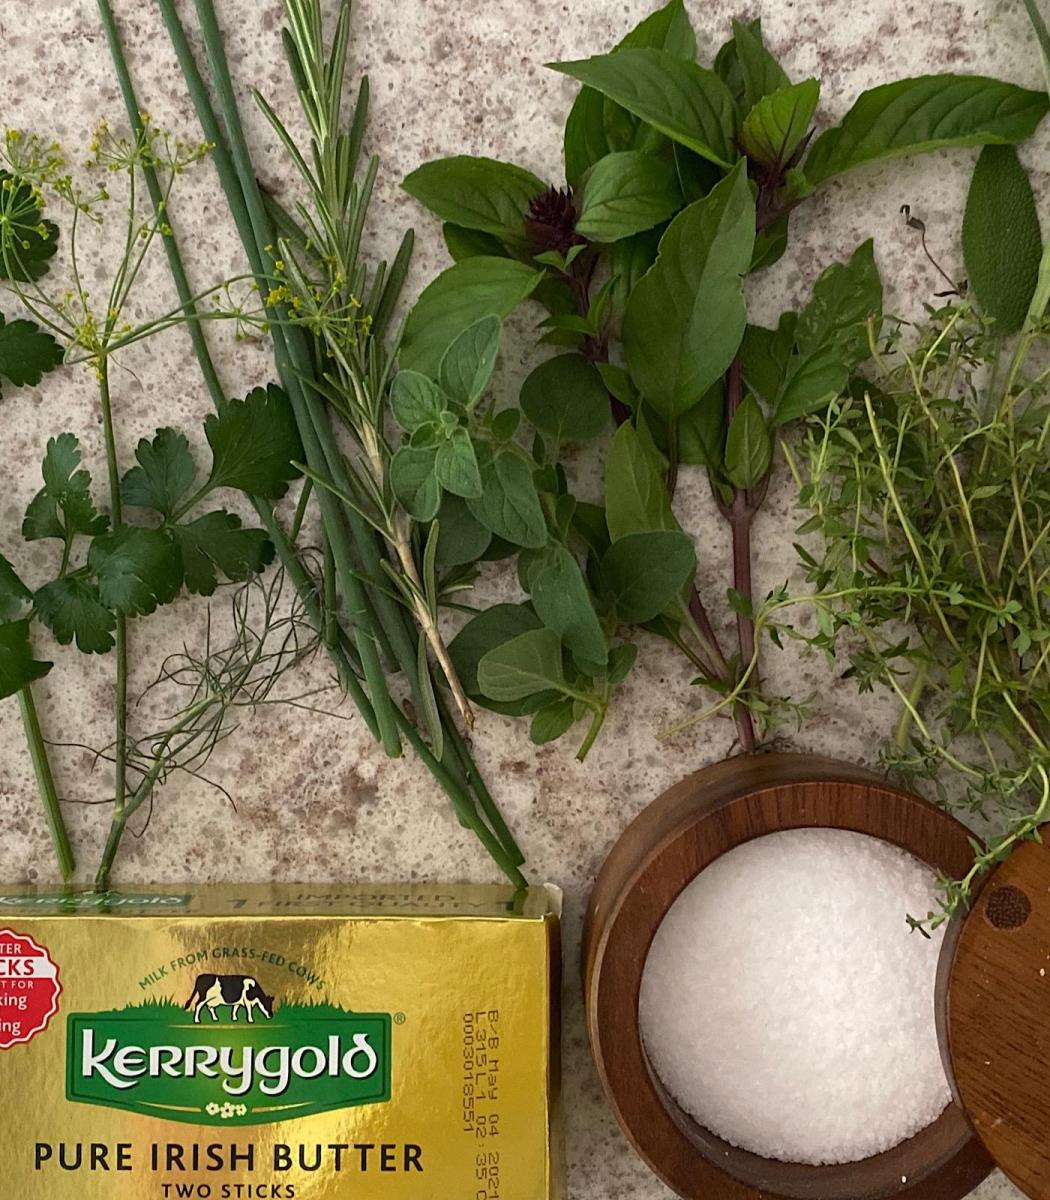 Ingredients for preserving fresh herbs as herbal salts